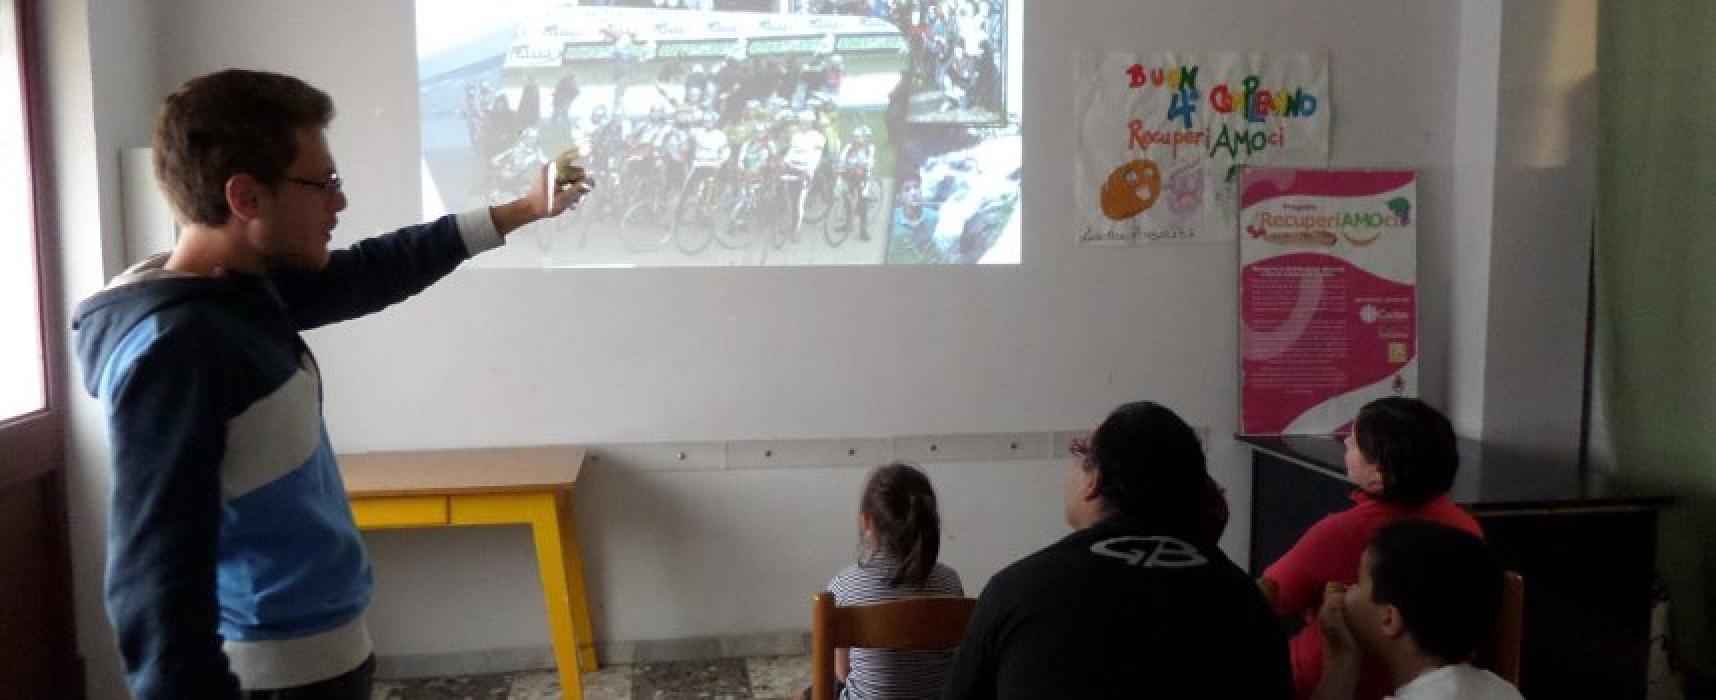 Cavallaro-RecuperiAMOci, insieme per educare i più piccoli